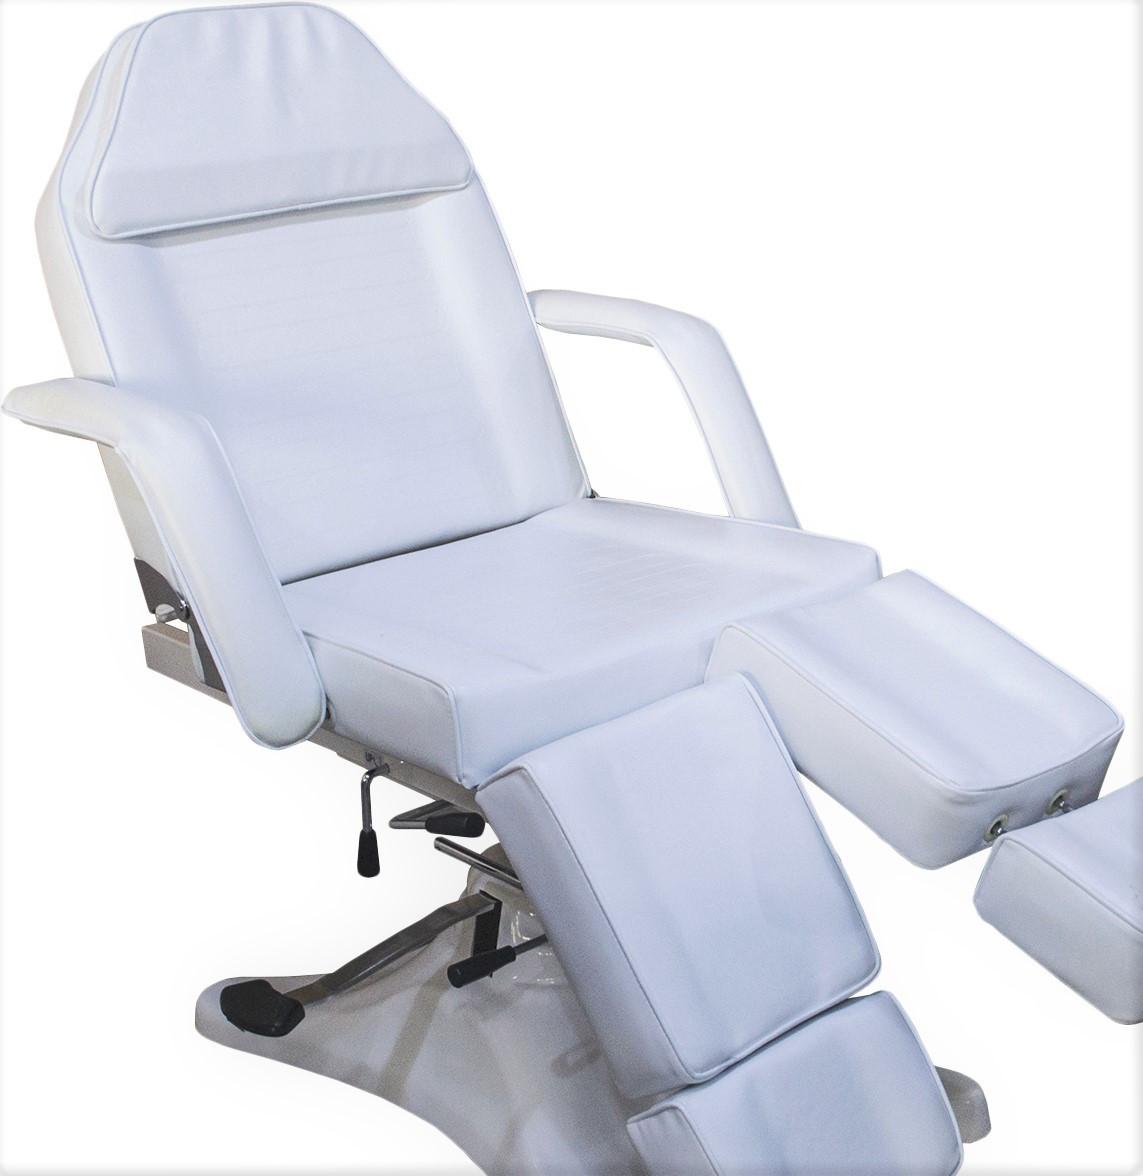 Кушетка косметологическая на гидравлике с раздельной подножкой кресло-кушетка педиюрно-косметологическая 823А